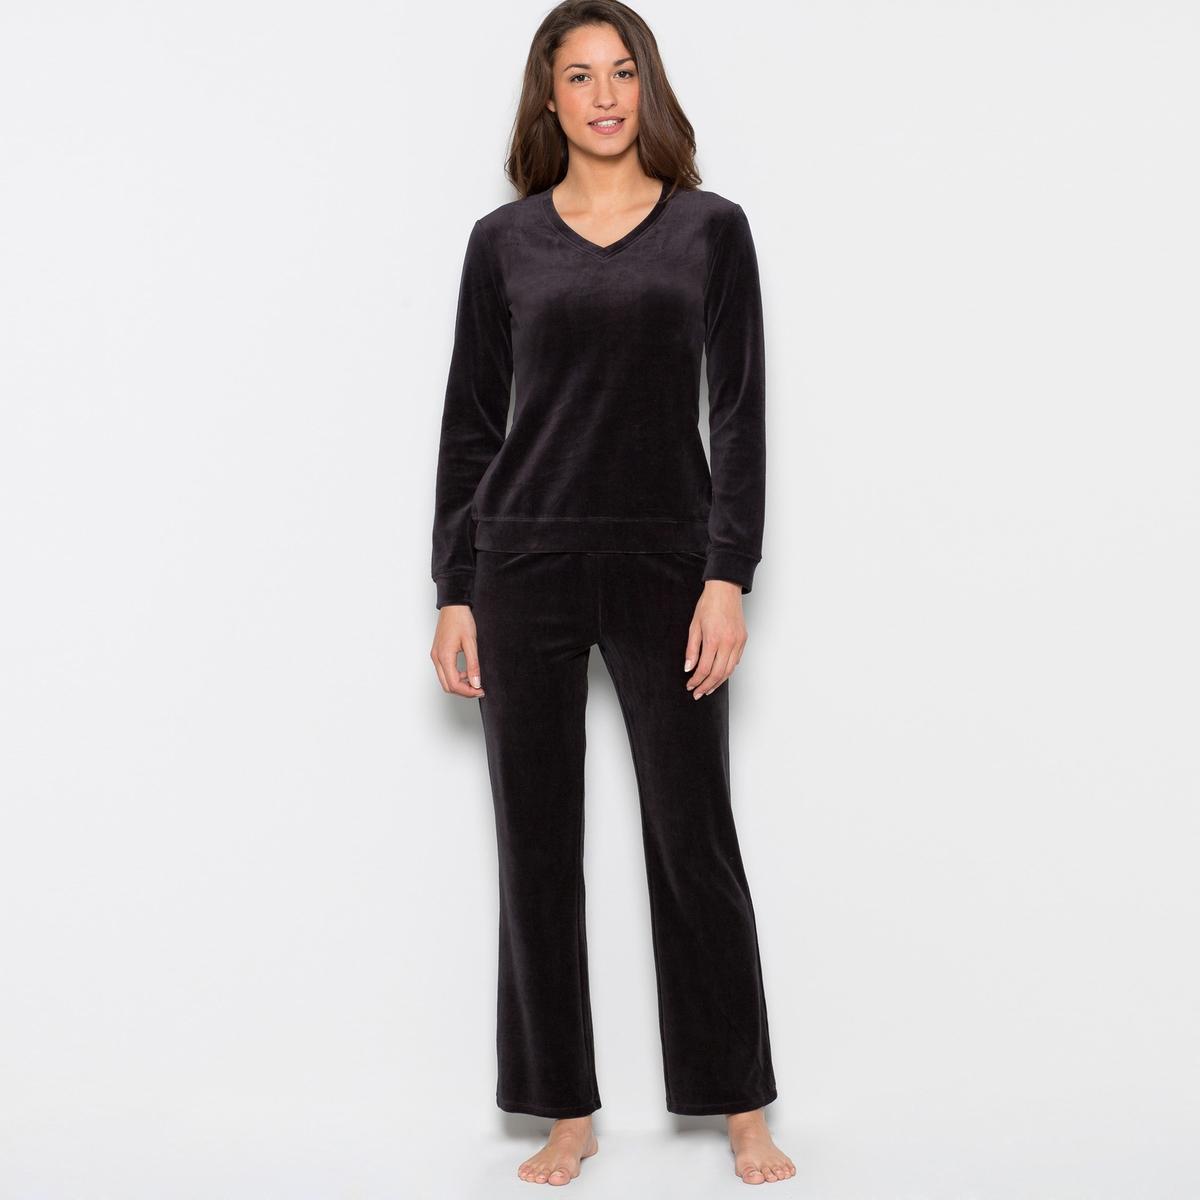 Пижама из велюра75% хлопка, 25% полиэстера. Теплая и комфортная футболка с длинными рукавами. V-образный вырез. Вышивка сбоку. Длина 64 см. Брюки с эластичным поясом. Длина по внутр.шву 76 см.<br><br>Цвет: черный<br>Размер: 46/48 (FR) - 52/54 (RUS).42/44 (FR) - 48/50 (RUS).38/40 (FR) - 44/46 (RUS)